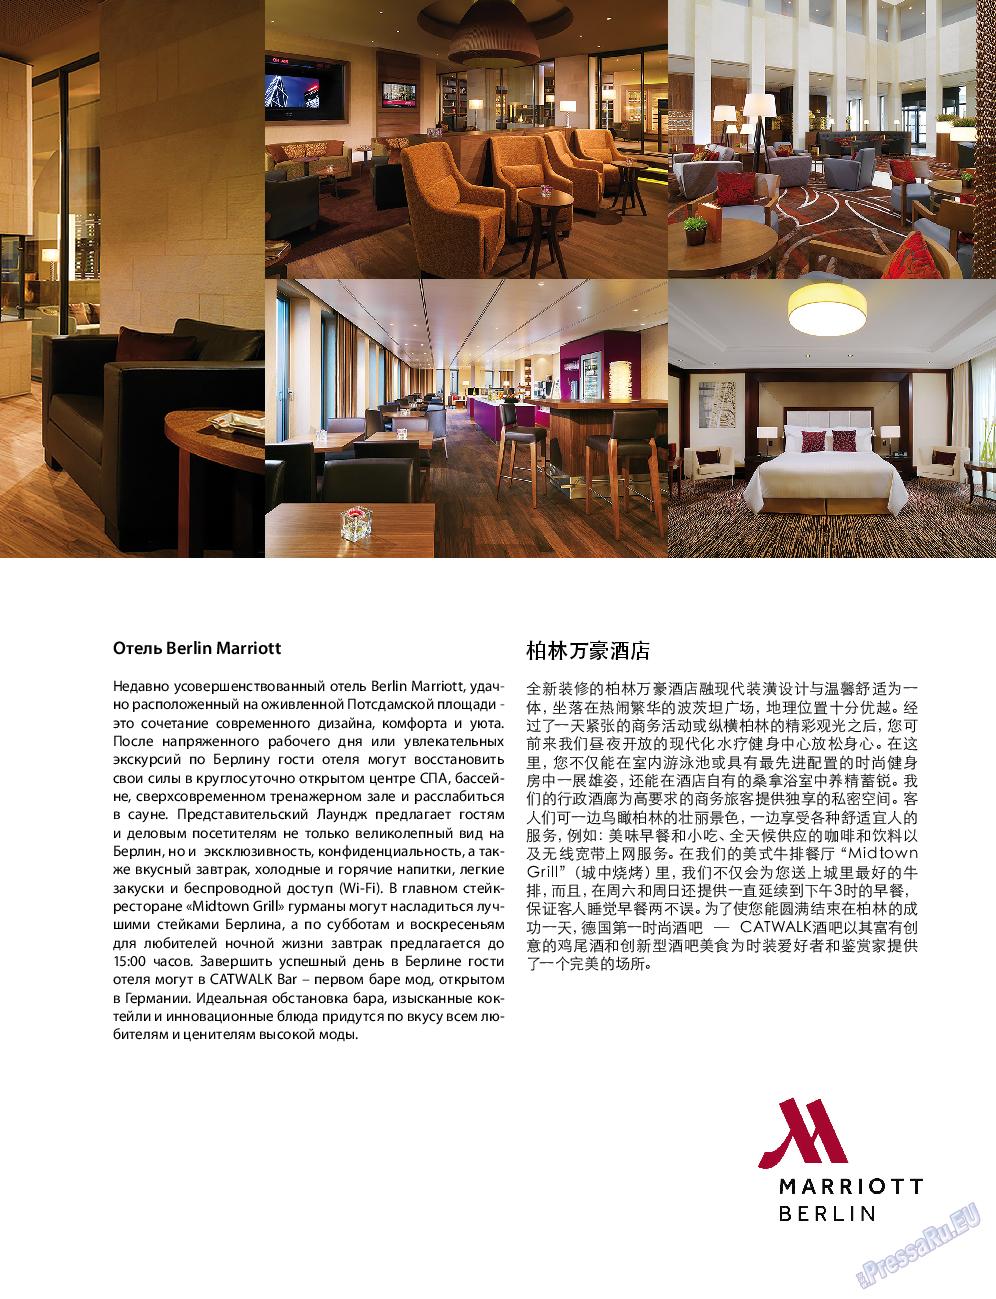 Клан (журнал). 2015 год, номер 9, стр. 9